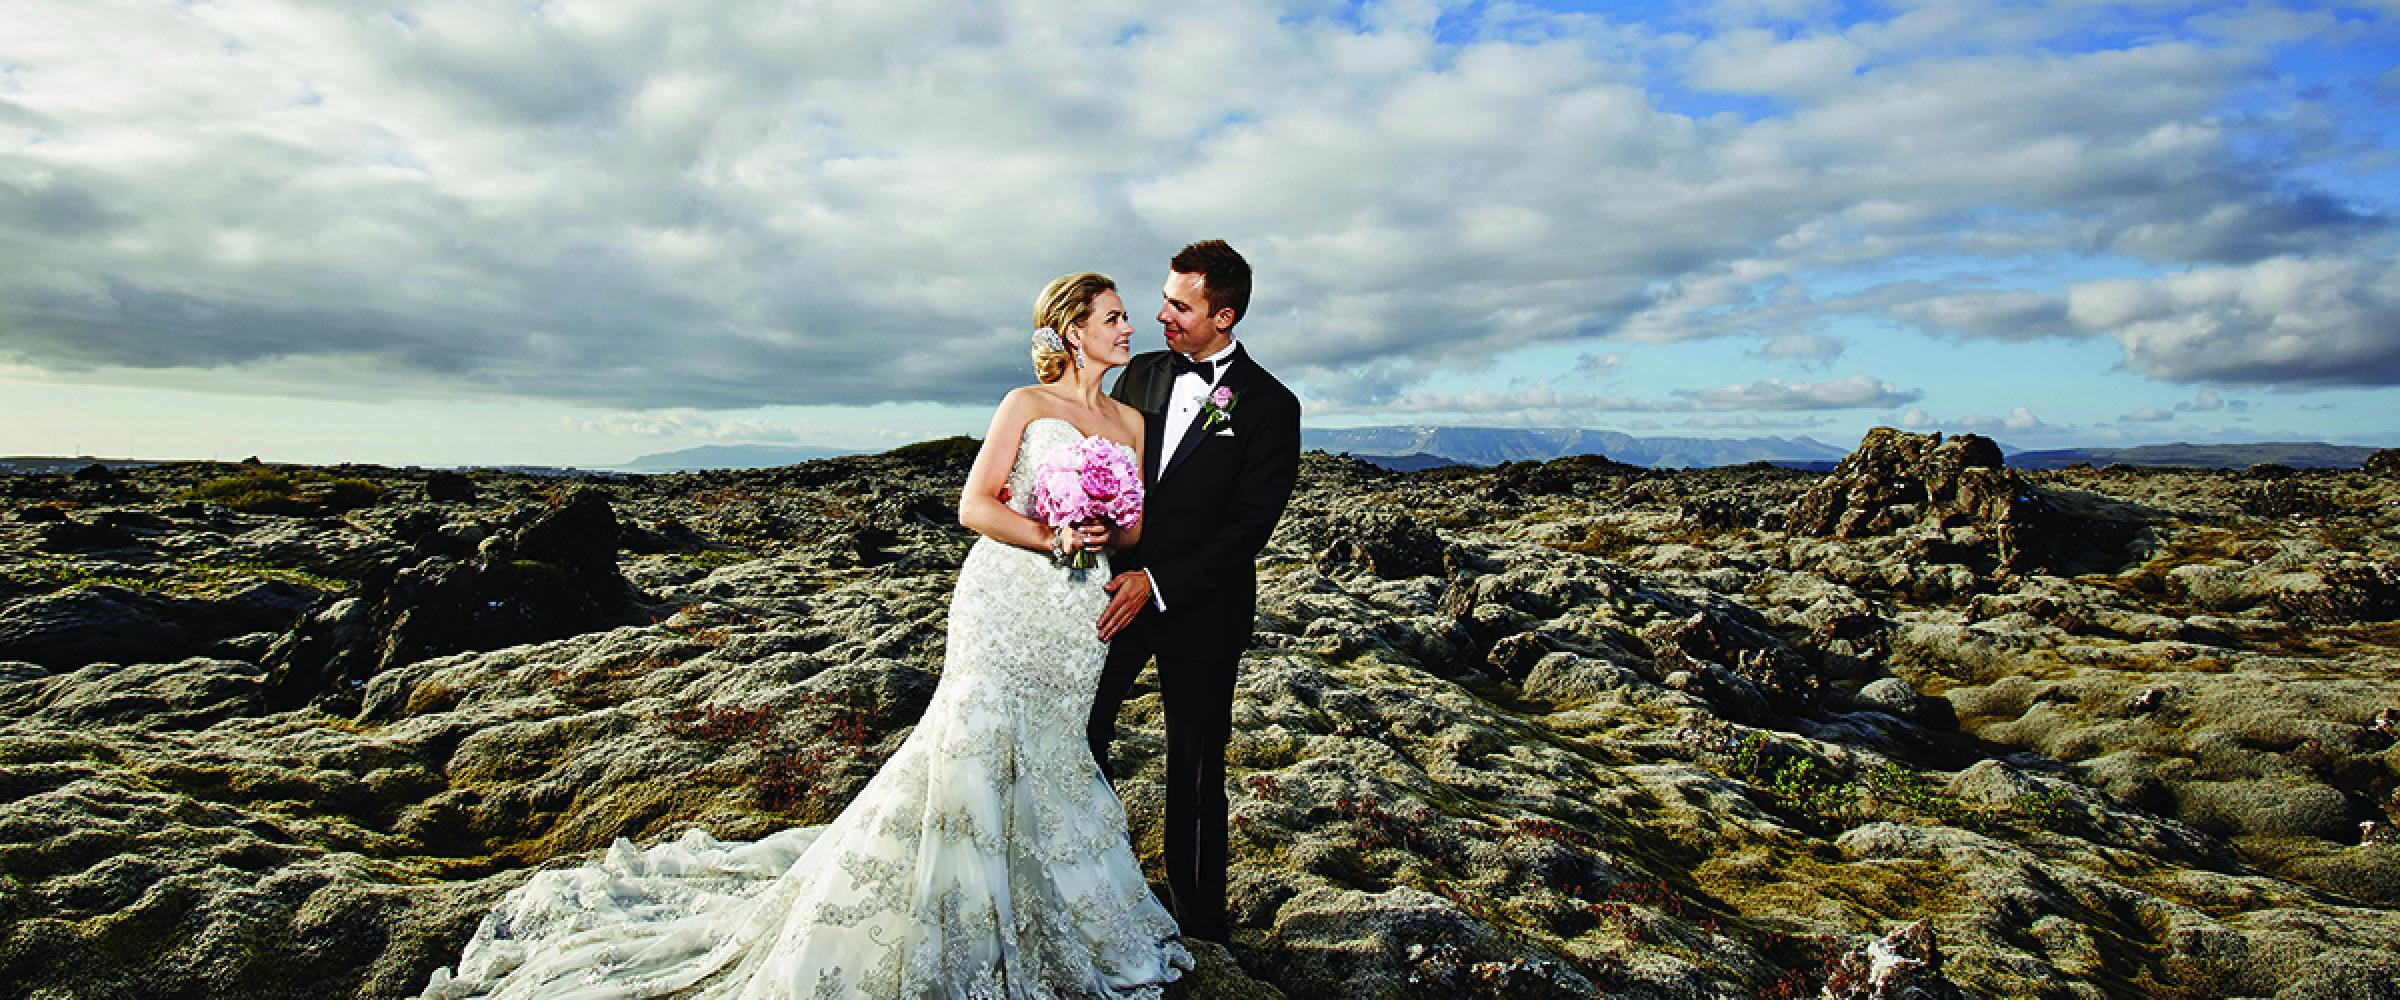 SPESIALREISER TIL ISLAND © Din Islandsreise